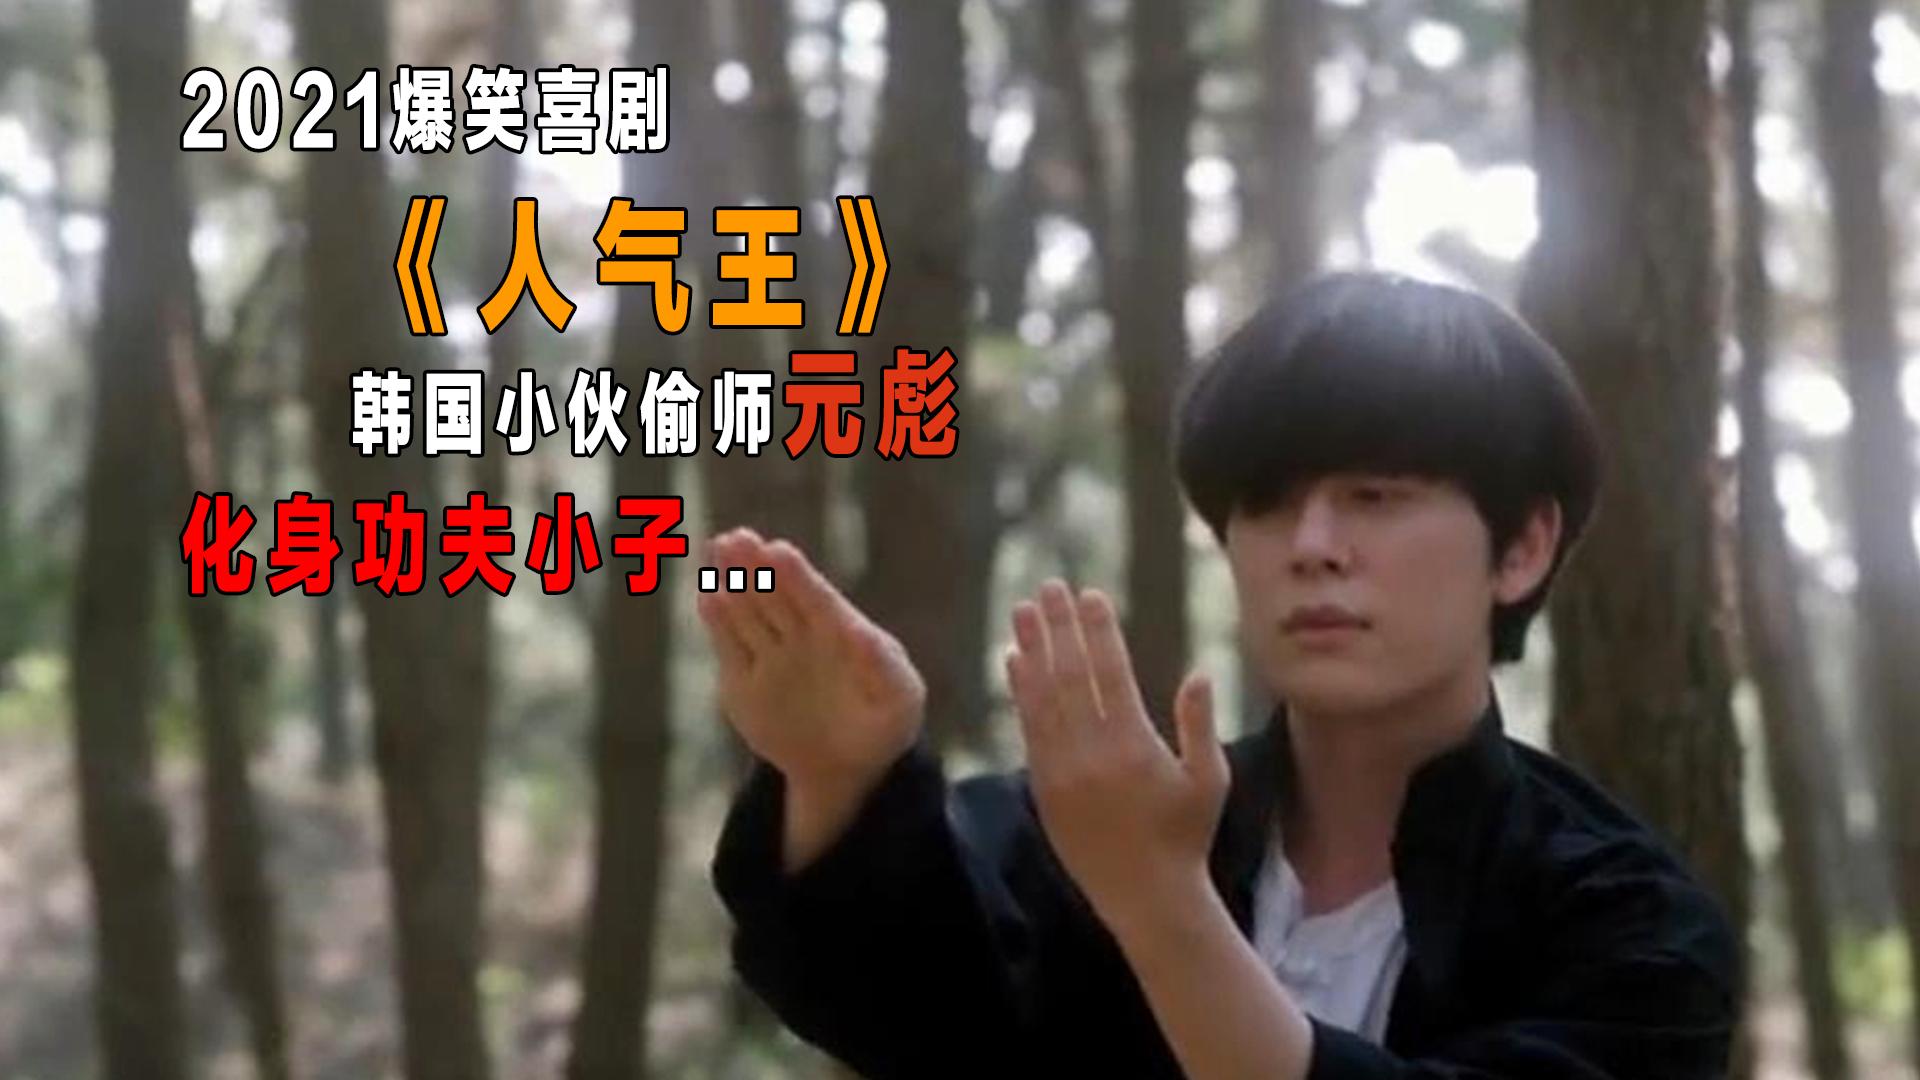 元彪在韩国有多火,竟成了少年的功夫偶像,爆笑喜剧《人气王》